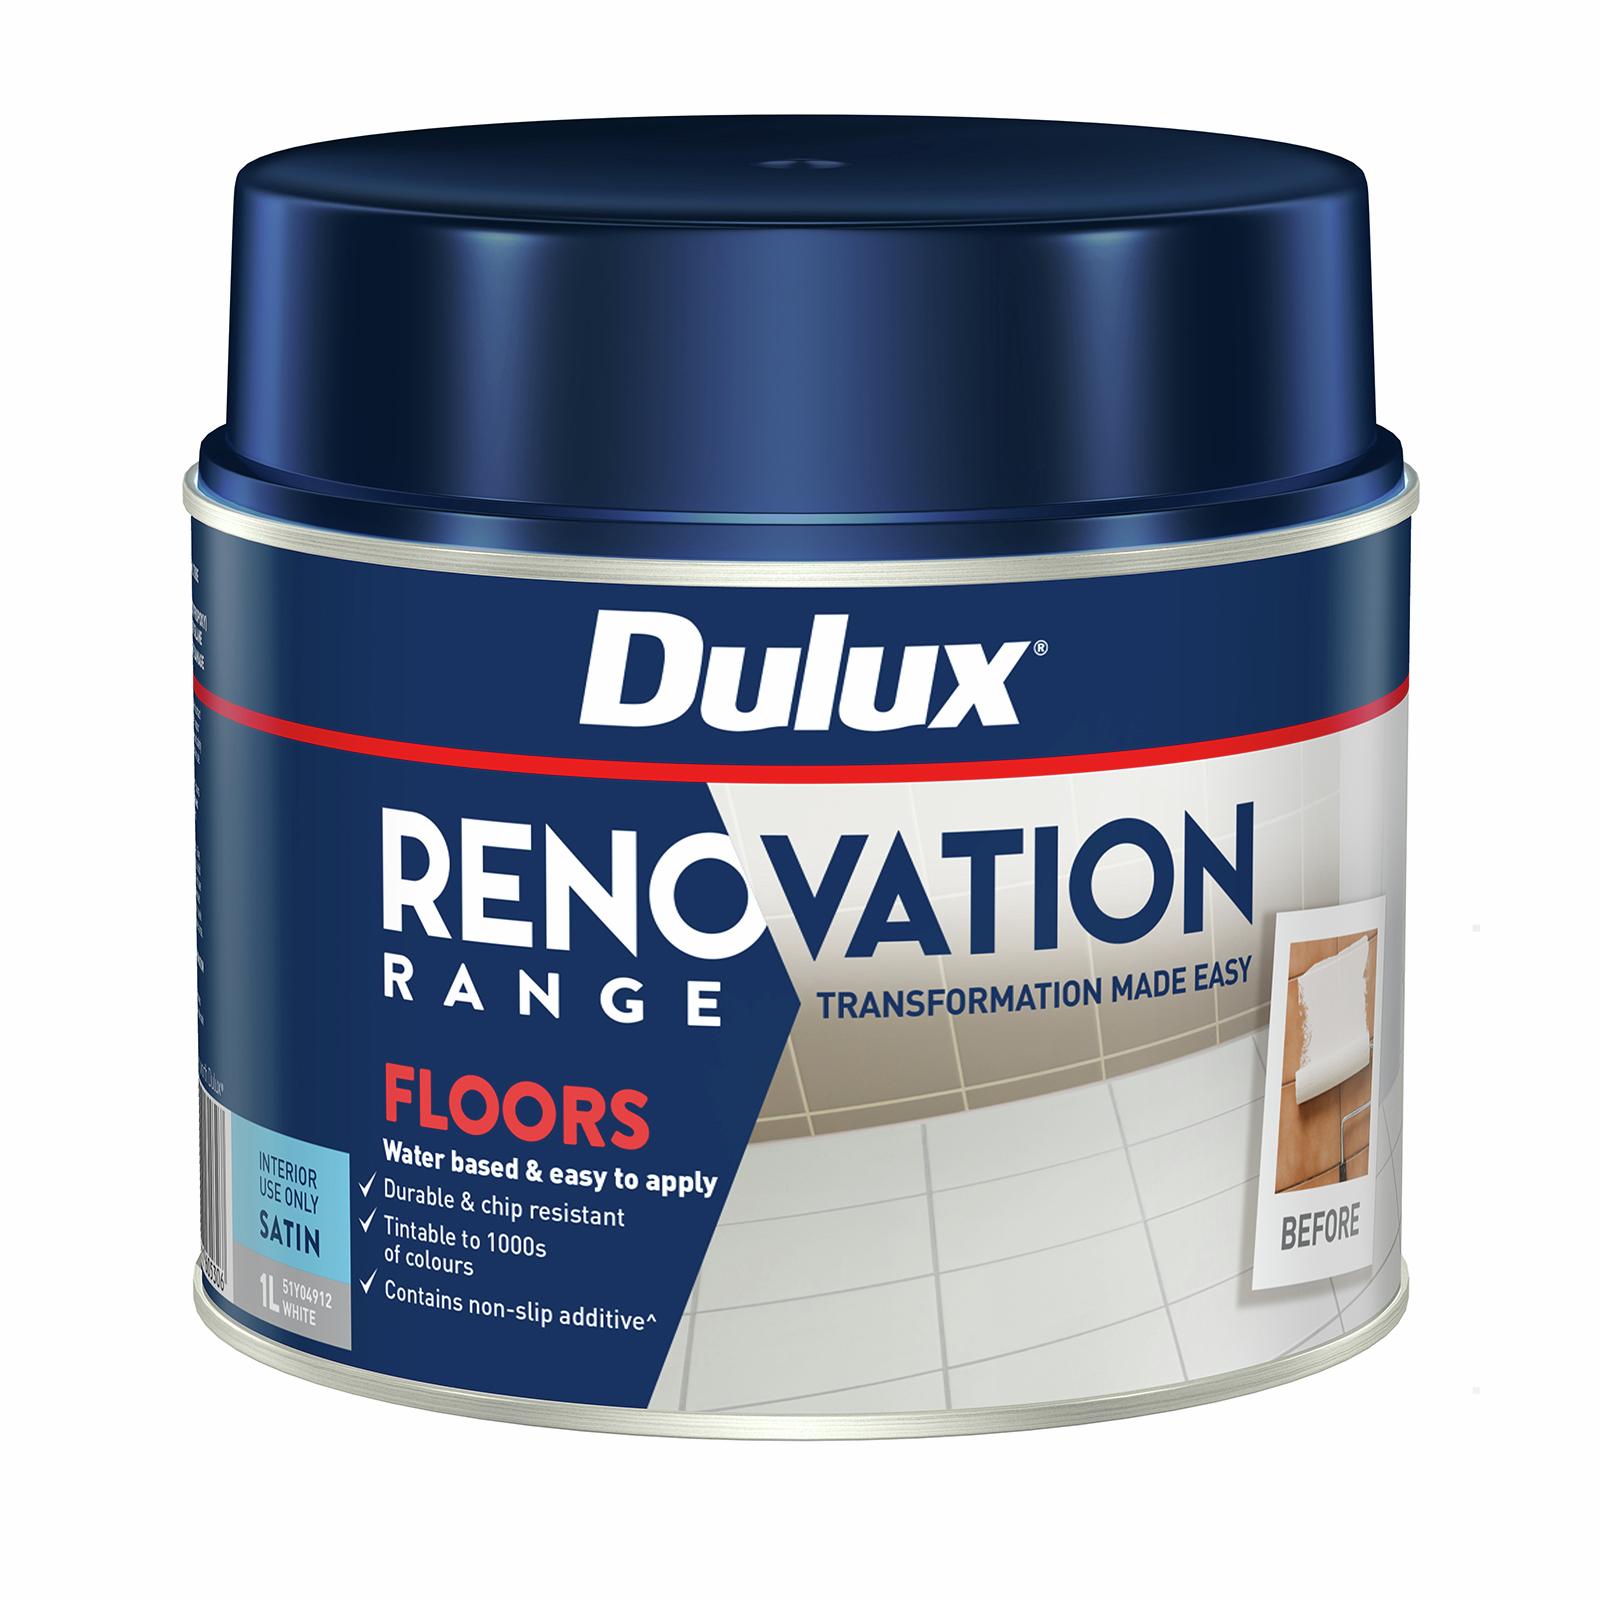 Dulux 1L Satin White Renovation Range Floors